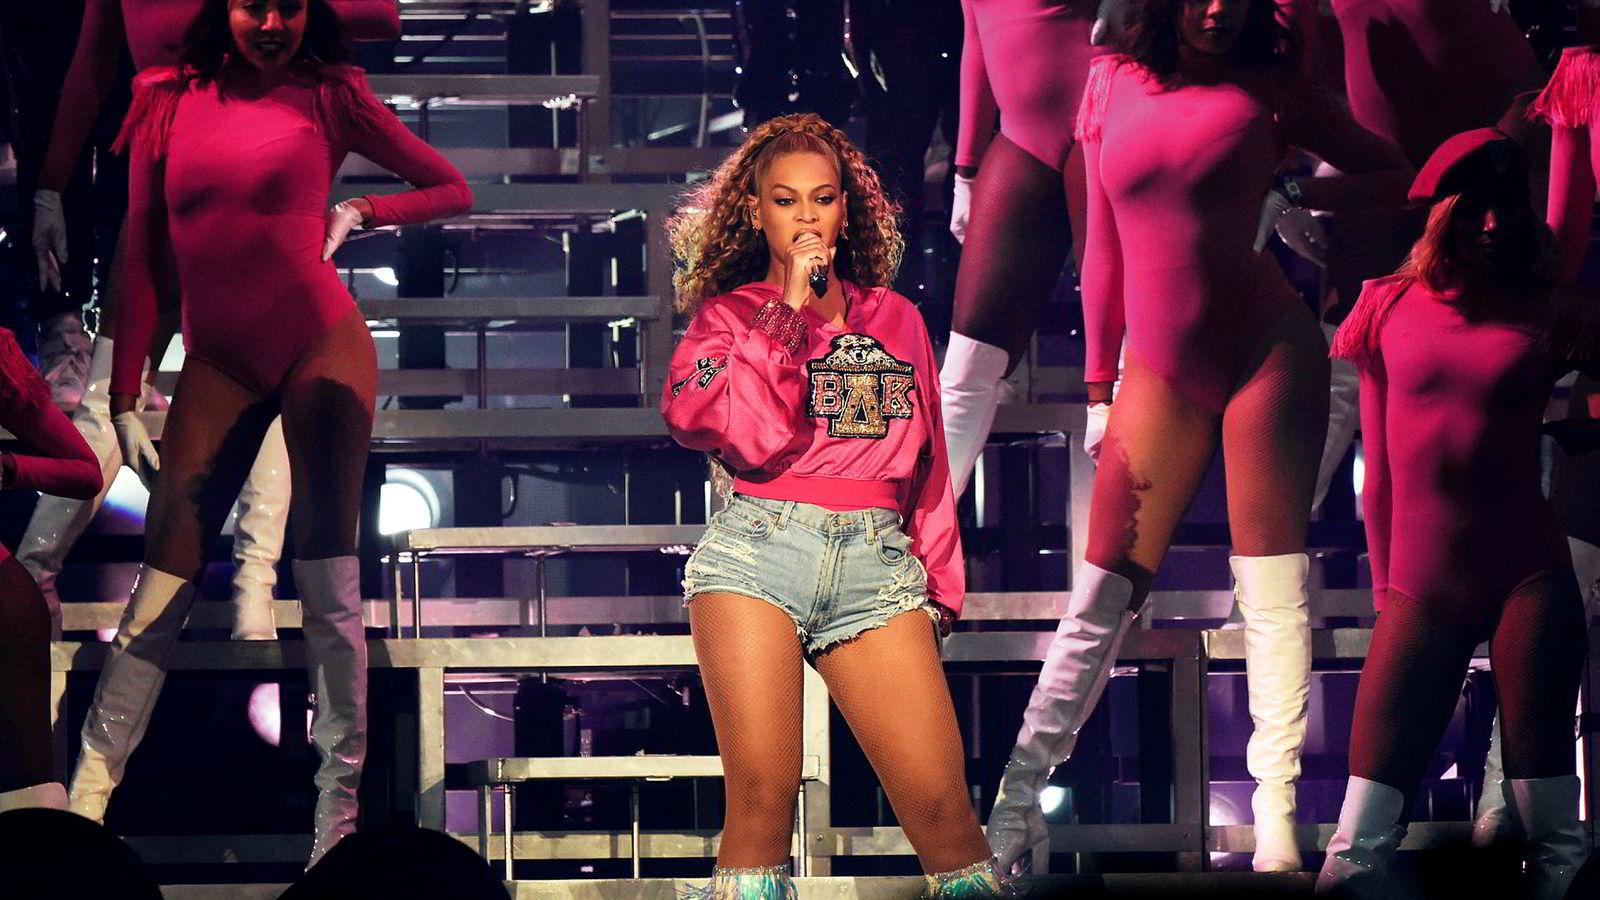 9. mai avslørte DN at Beyoncés (bildet) og Kanye Wests lyttertall er manipulert på strømmetjenesten Tidal. Foto: Kevin Mazur/Getty Images for Coachella/NTB Scanpix